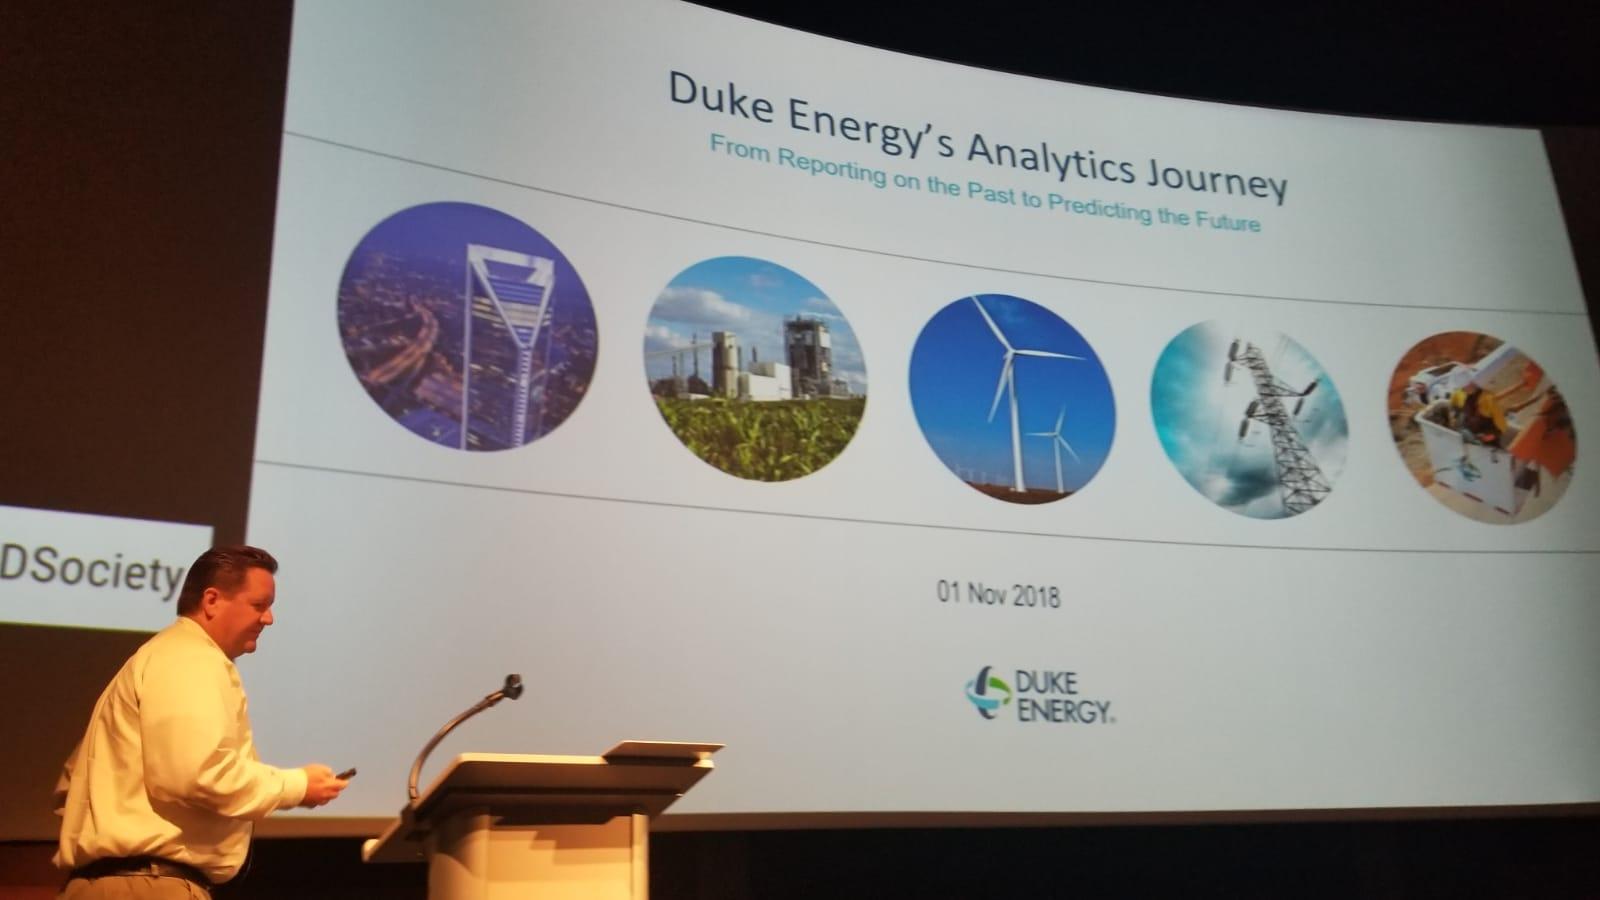 Norv Clontz - Director, Data Science Innovation at Duke Energy